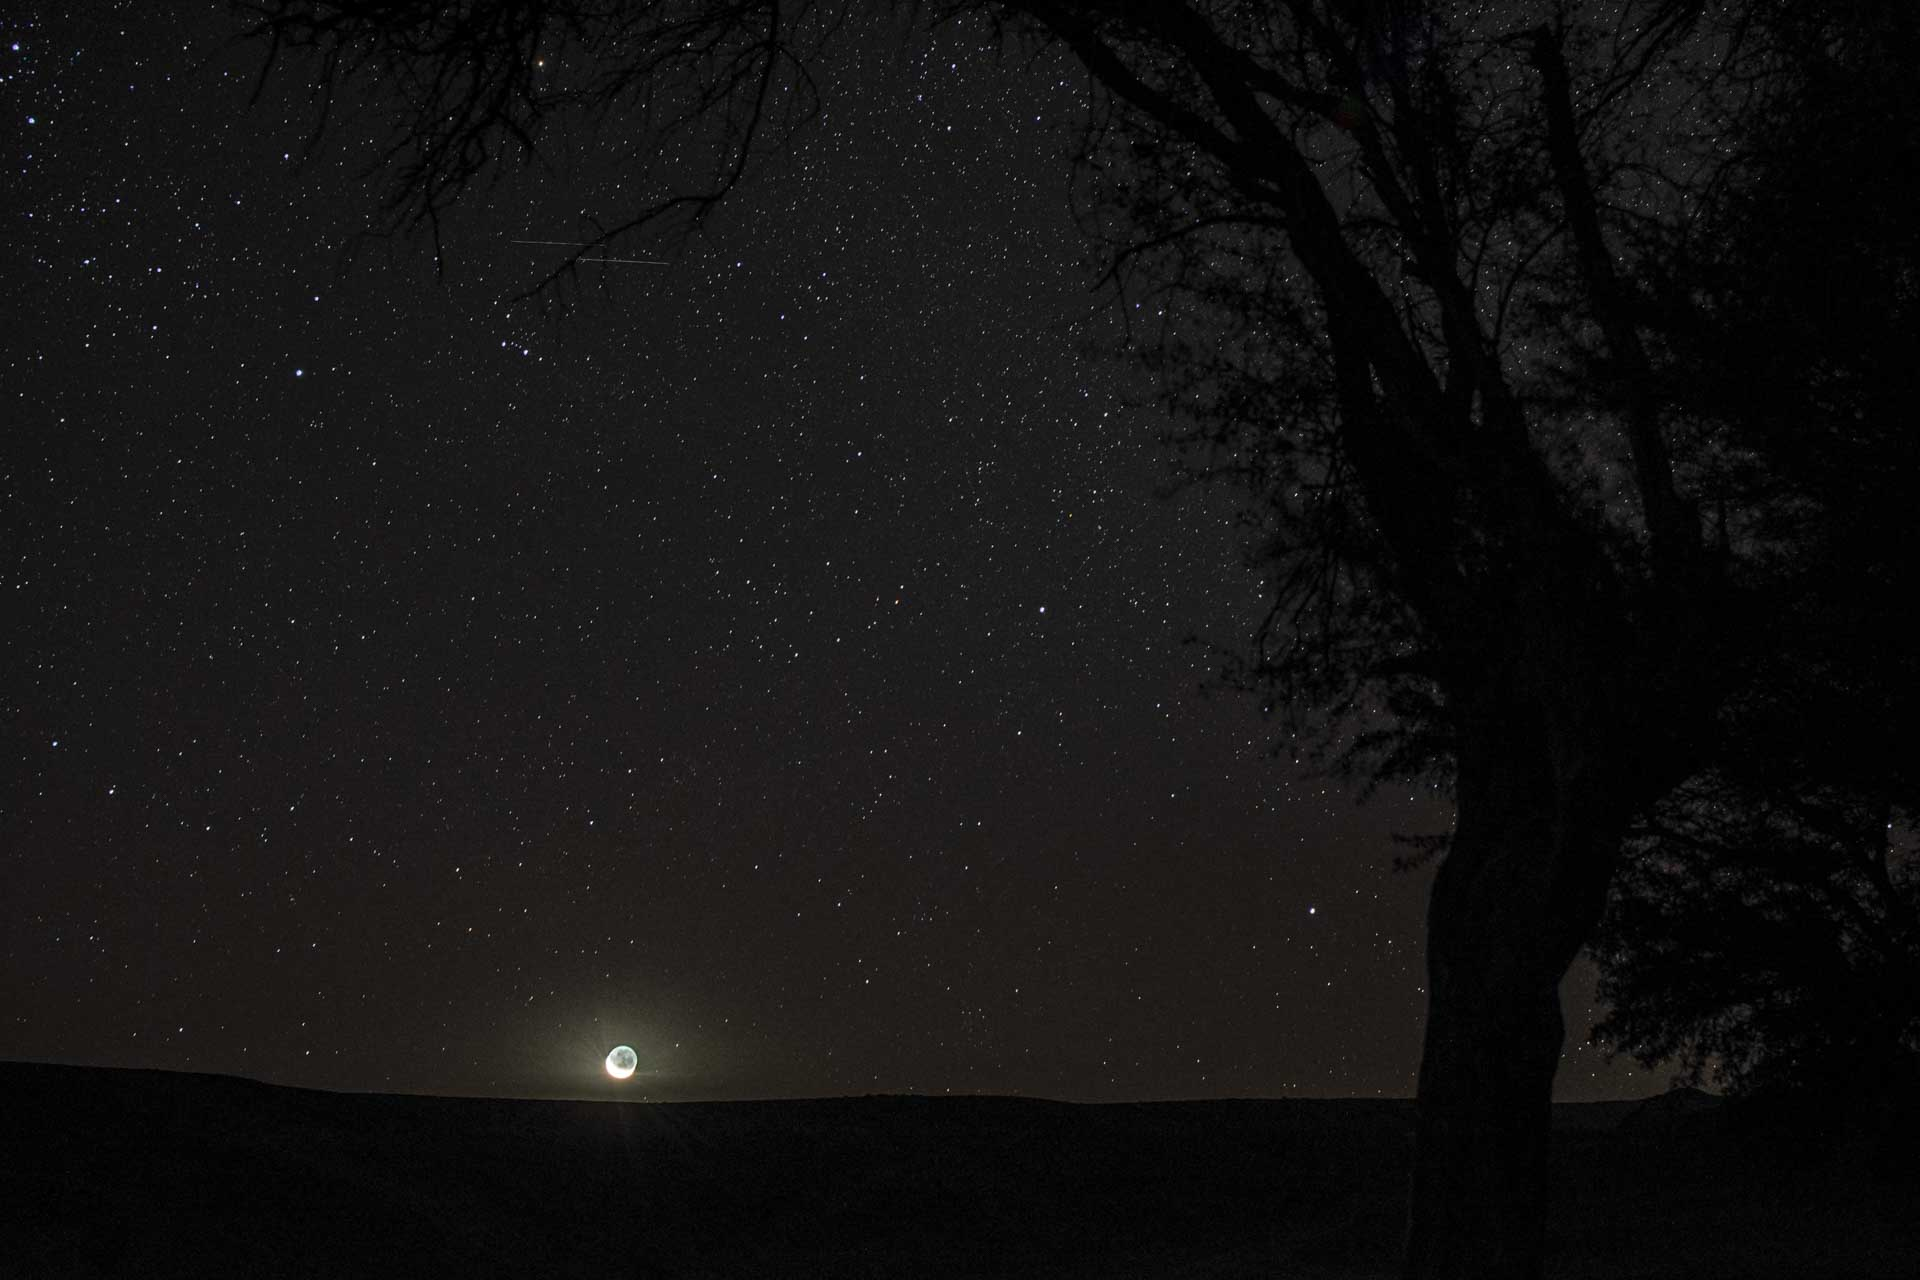 triangolo dell'esposizione fotografia astronomica